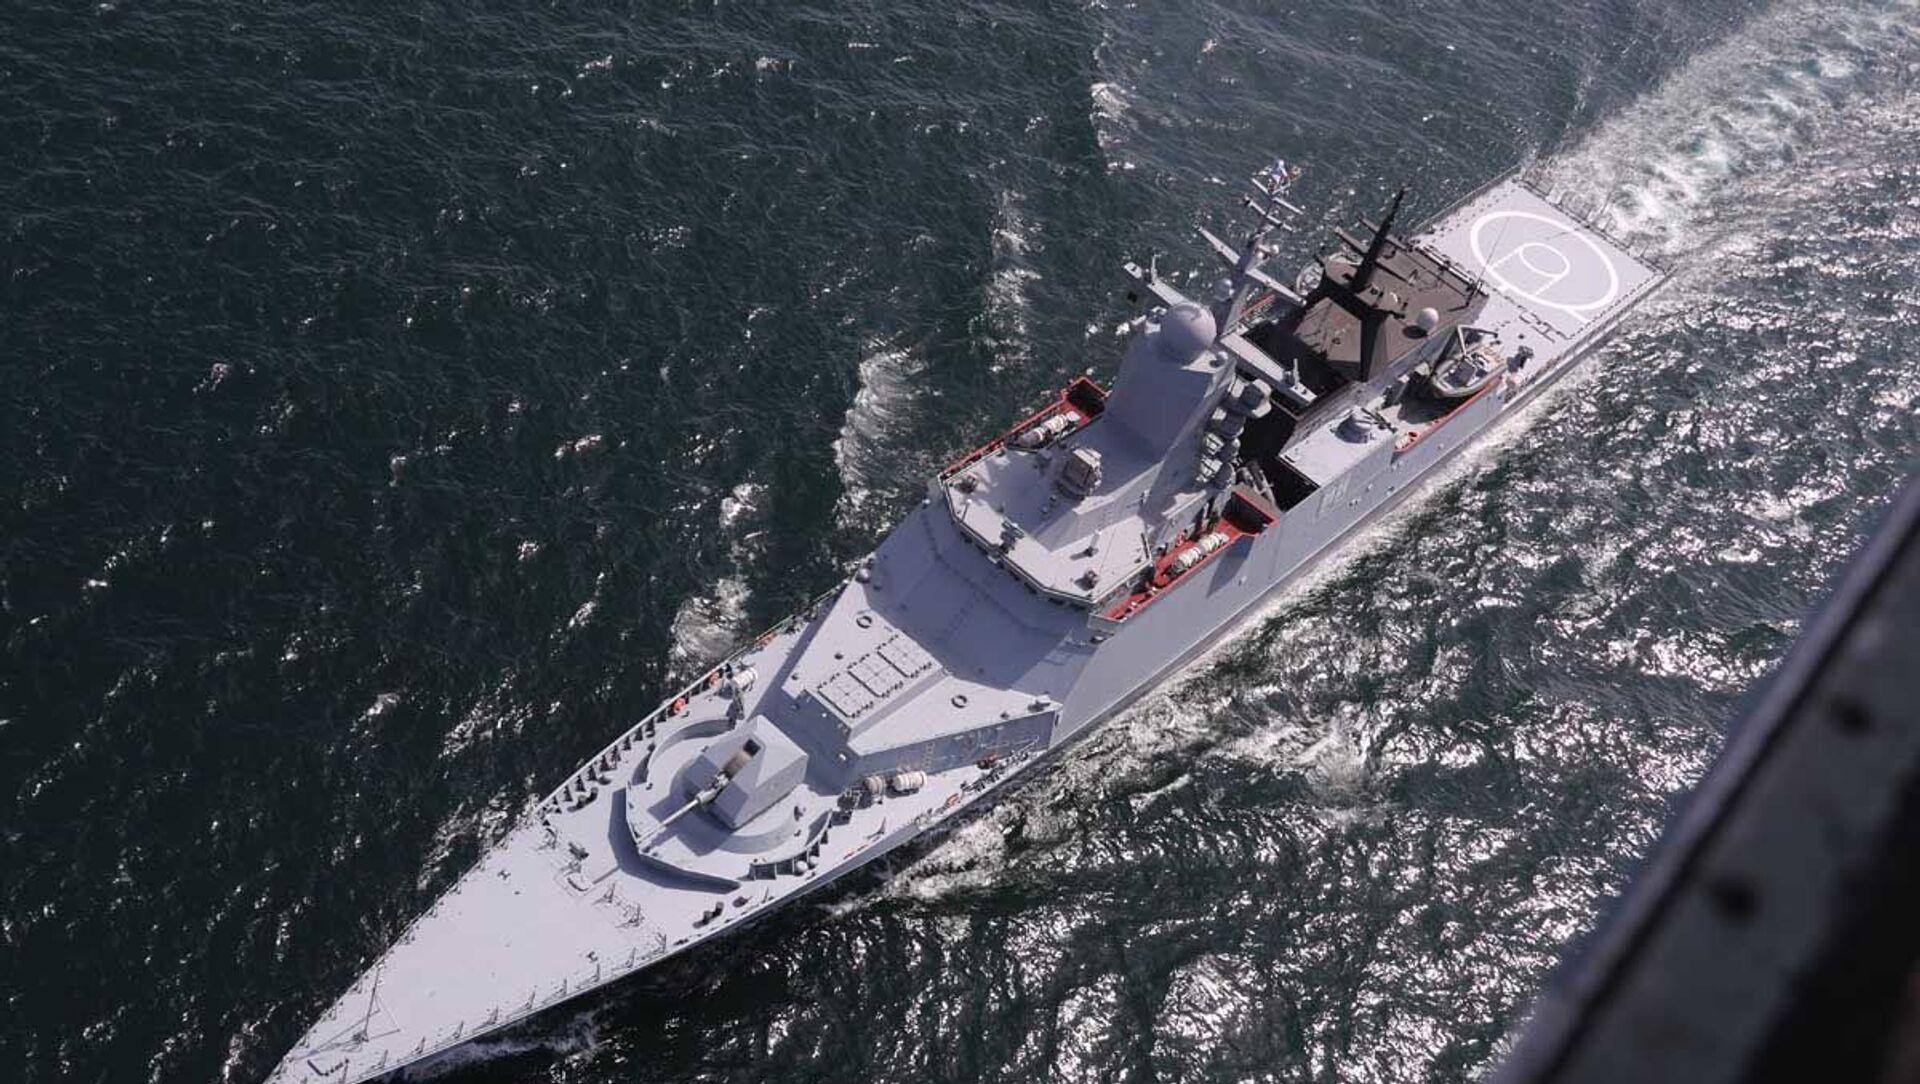 Rosyjska korweta podczas wspólnych ćwiczeń morskich z Iranem na północy Oceanu Indyjskiego  - Sputnik Polska, 1920, 05.06.2021